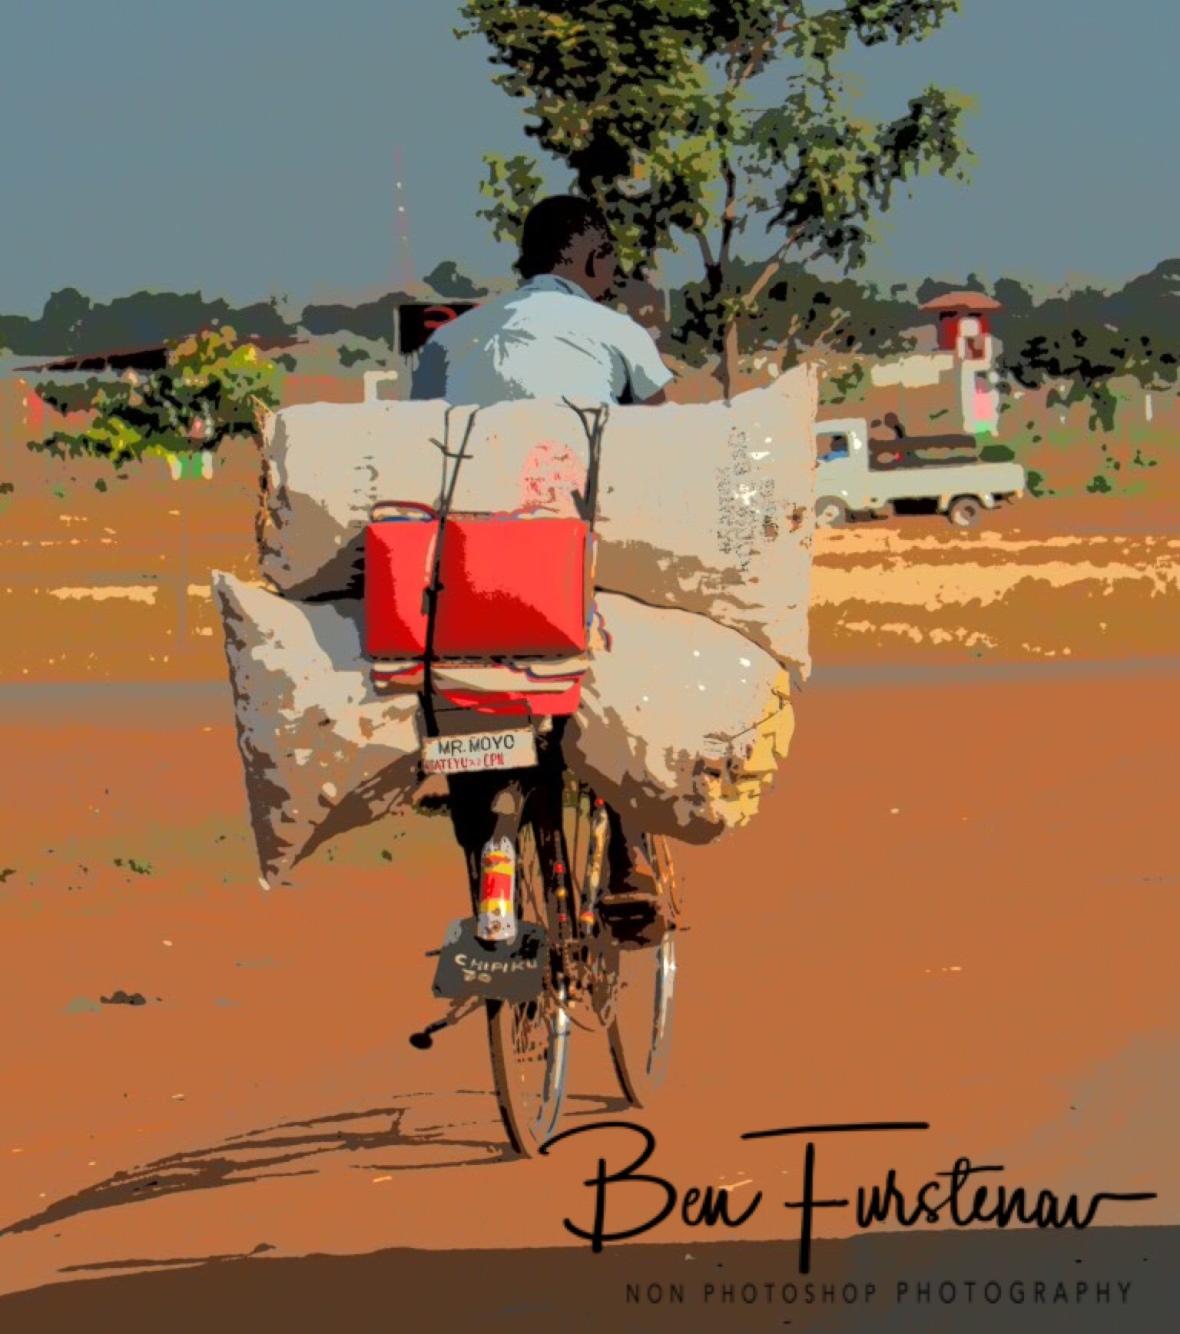 He hasn't lost his moyo, Lilongwe, Malawi